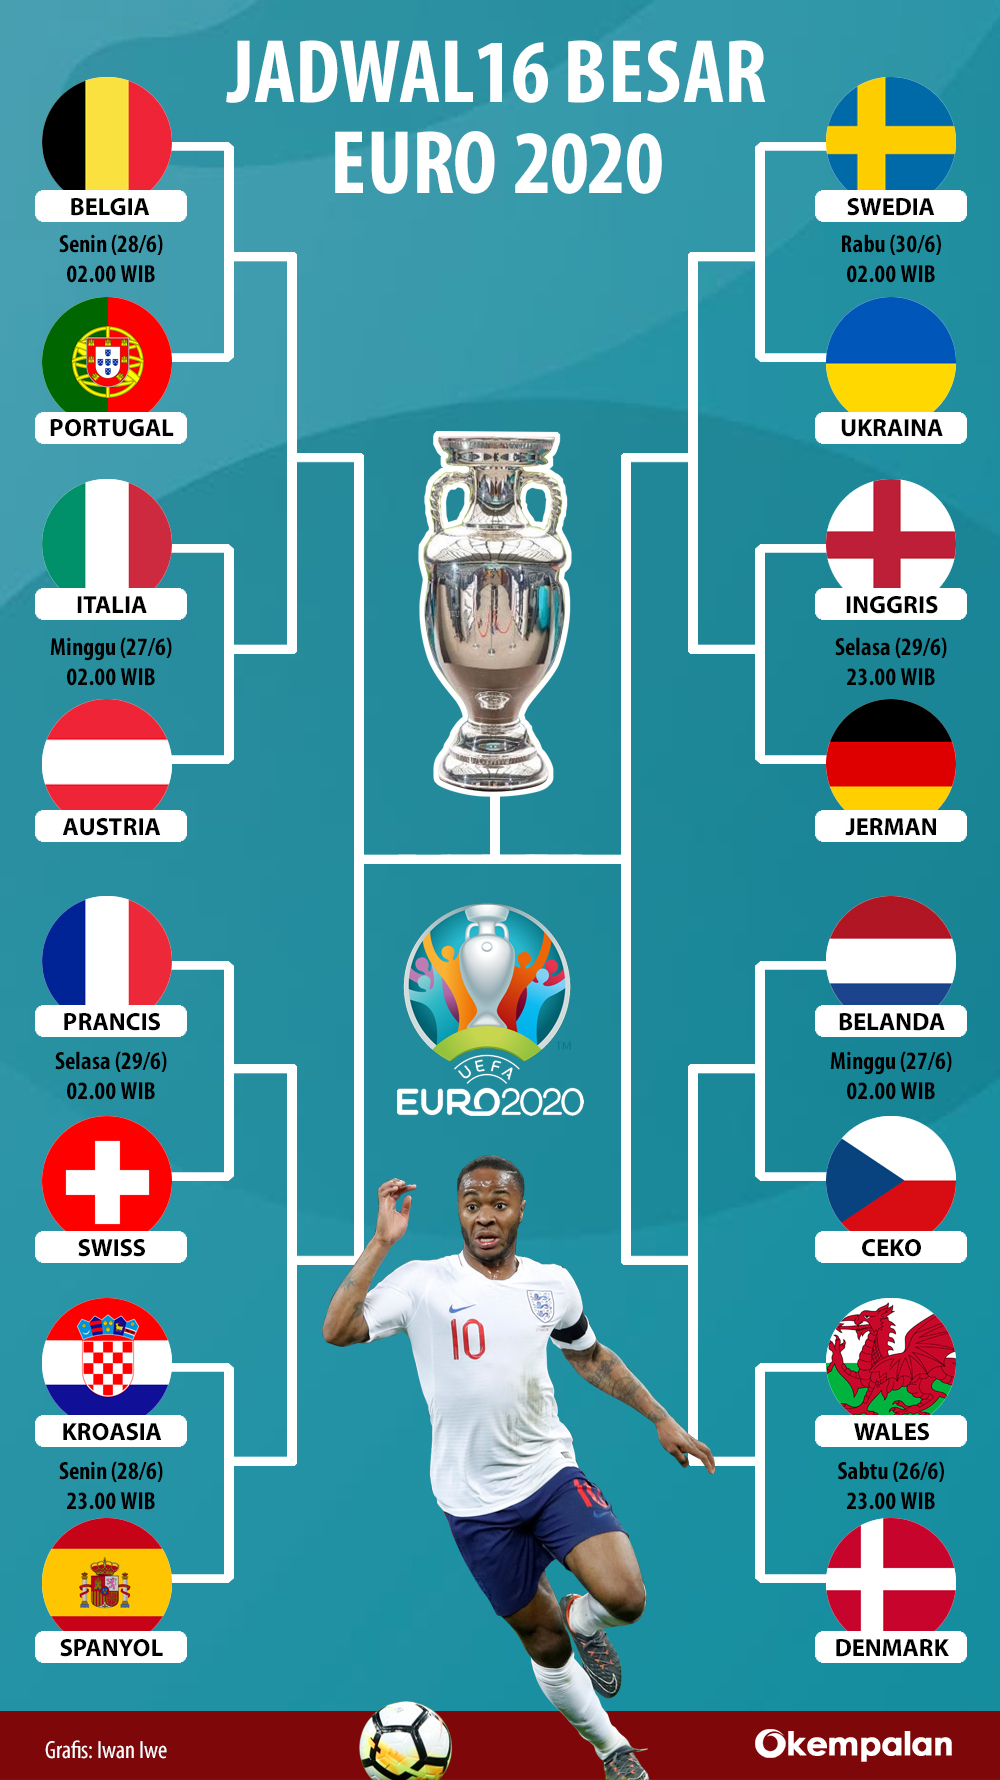 Jadwal 16 Besar Euro 2020 / Jadwal Babak 16 Besar Euro ...